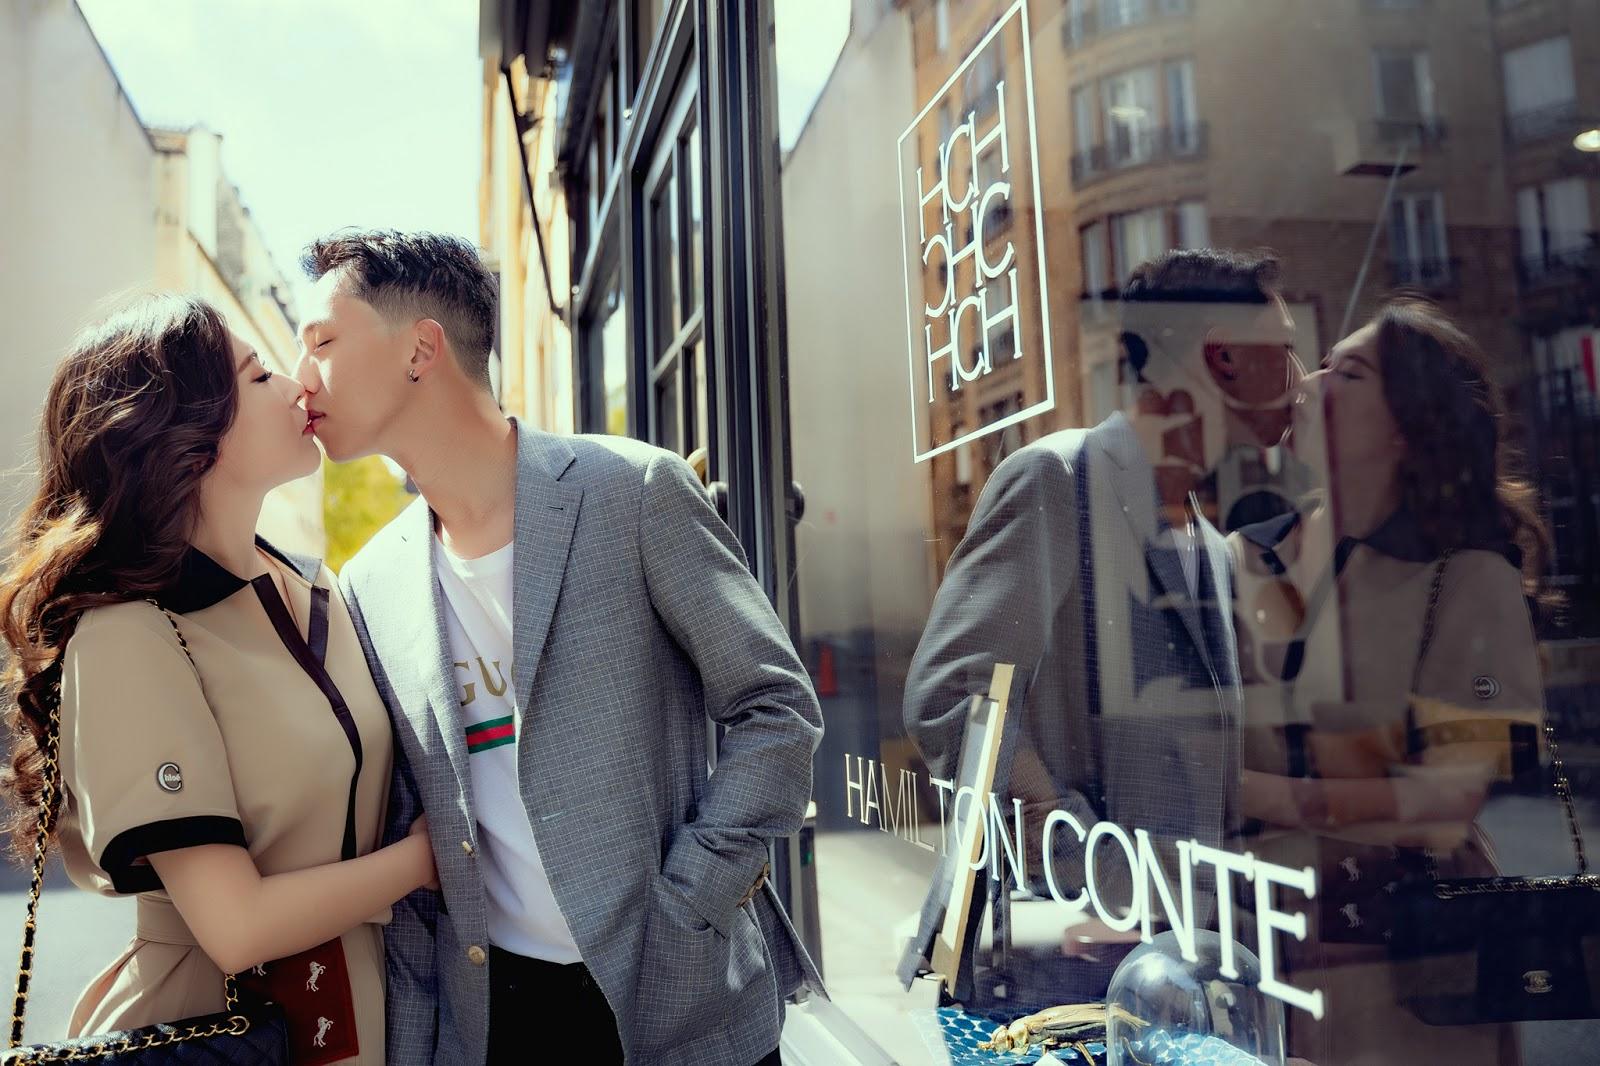 PARIS巴黎海外婚紗 哈爾斯塔特婚紗 Hallstatt 哈修塔特 奧地利婚紗 海外自助婚紗推薦 布拉格PRAGUE婚紗 私密拍攝景點 法國小鎮必吃 巴黎鐵塔超浪漫 威尼斯婚紗必拍景點 世界最美的小鎮 CK小鎮旅遊 威尼斯婚紗 義大利婚紗 台北自助婚紗工作室,台北租禮服推薦 香緹城堡婚紗 楓丹白露 凱旋門 羅浮宮